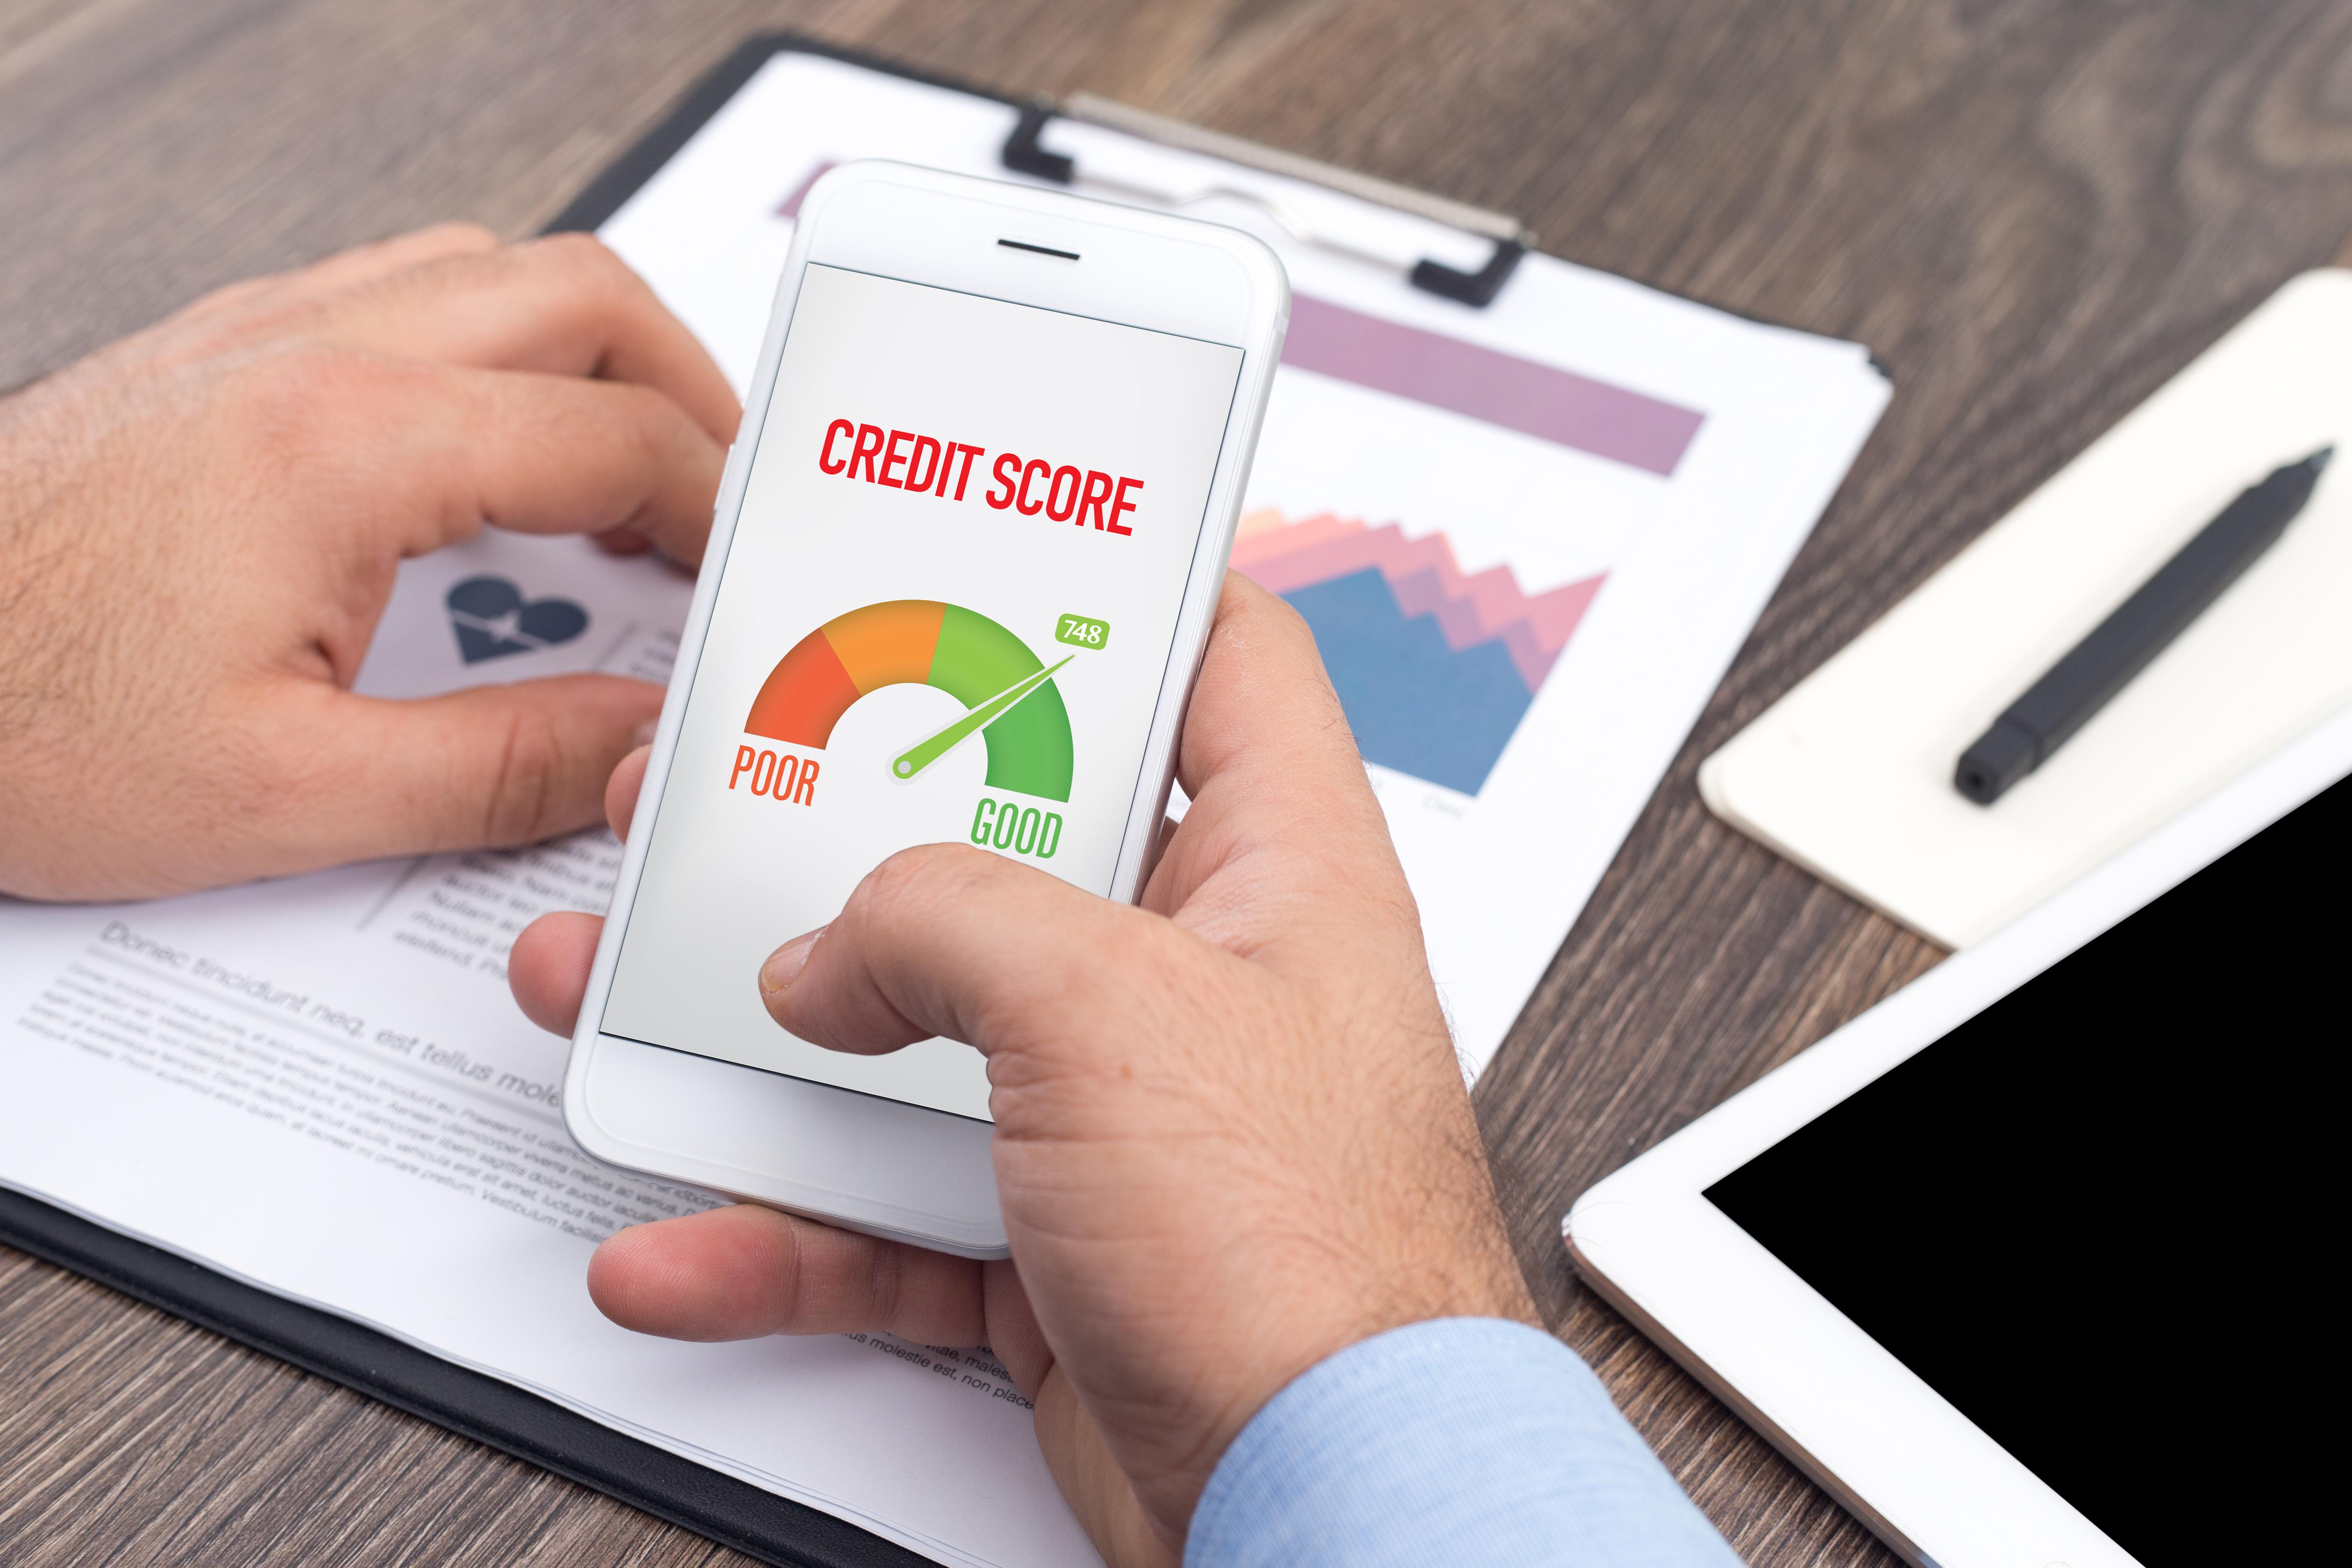 Înregistrarea amânării ratelor la Biroul de Credit nu va afecta scorul de credit